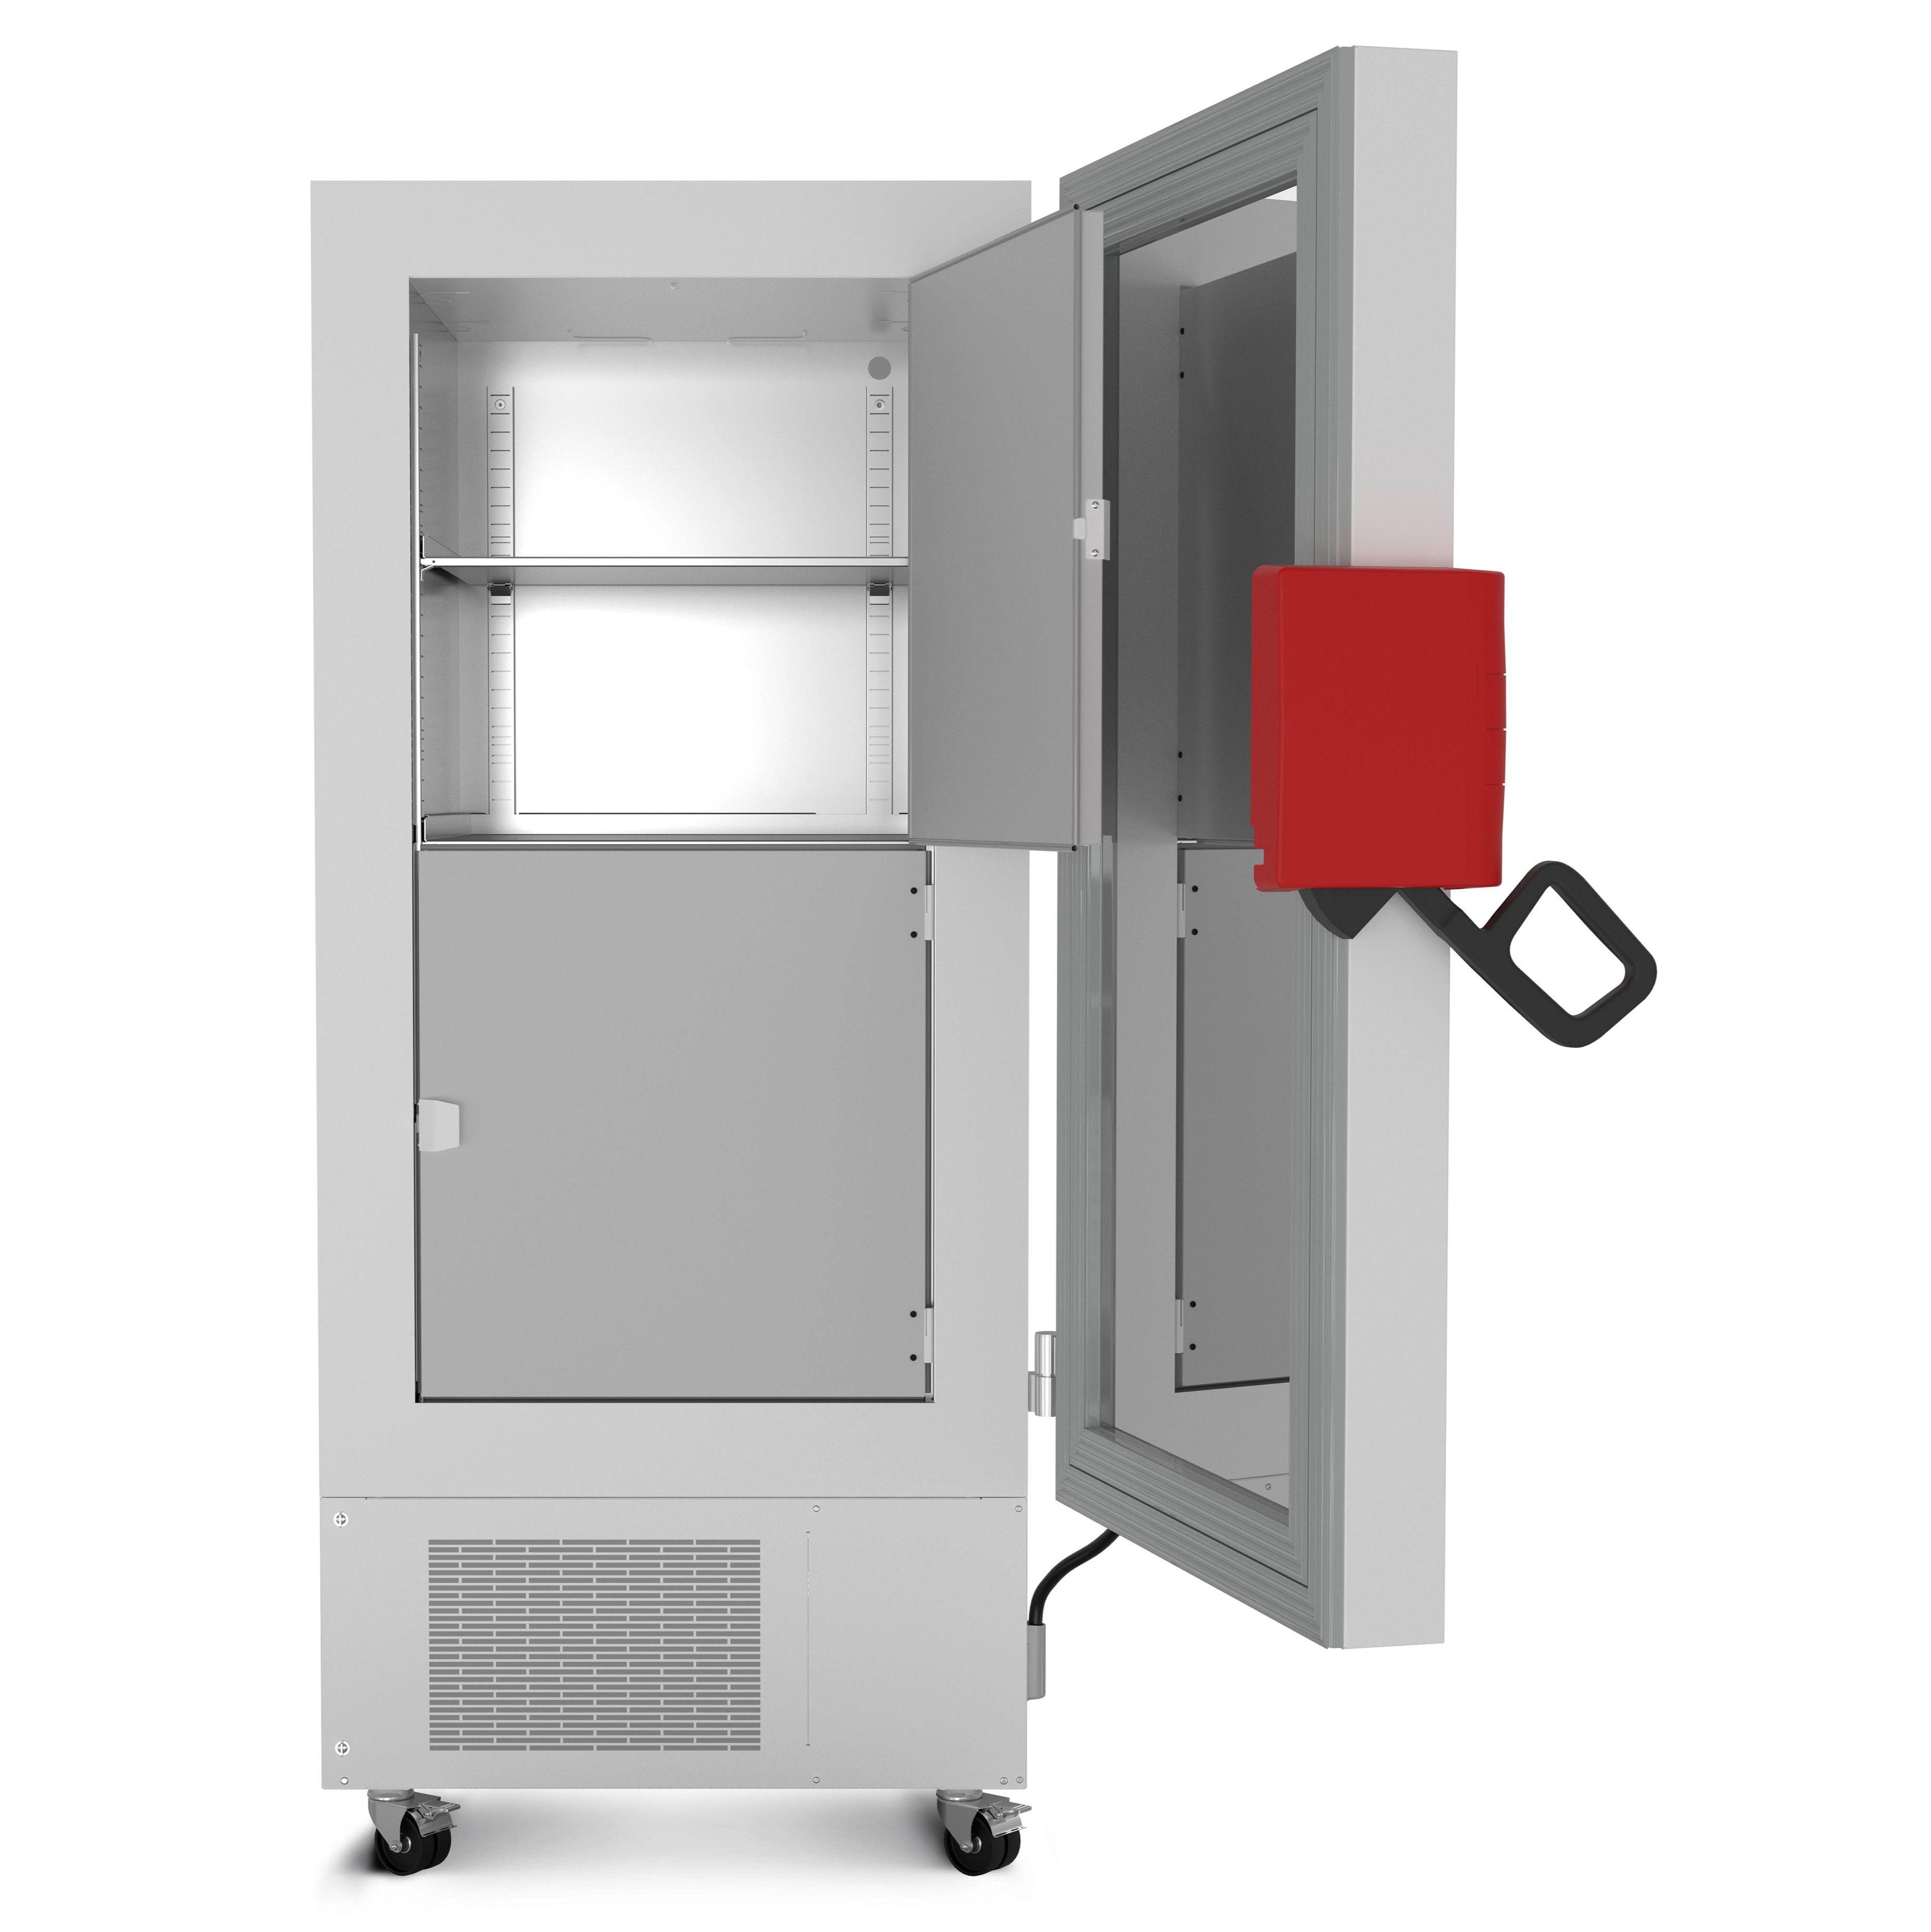 超低温冰箱BINDER UF V500